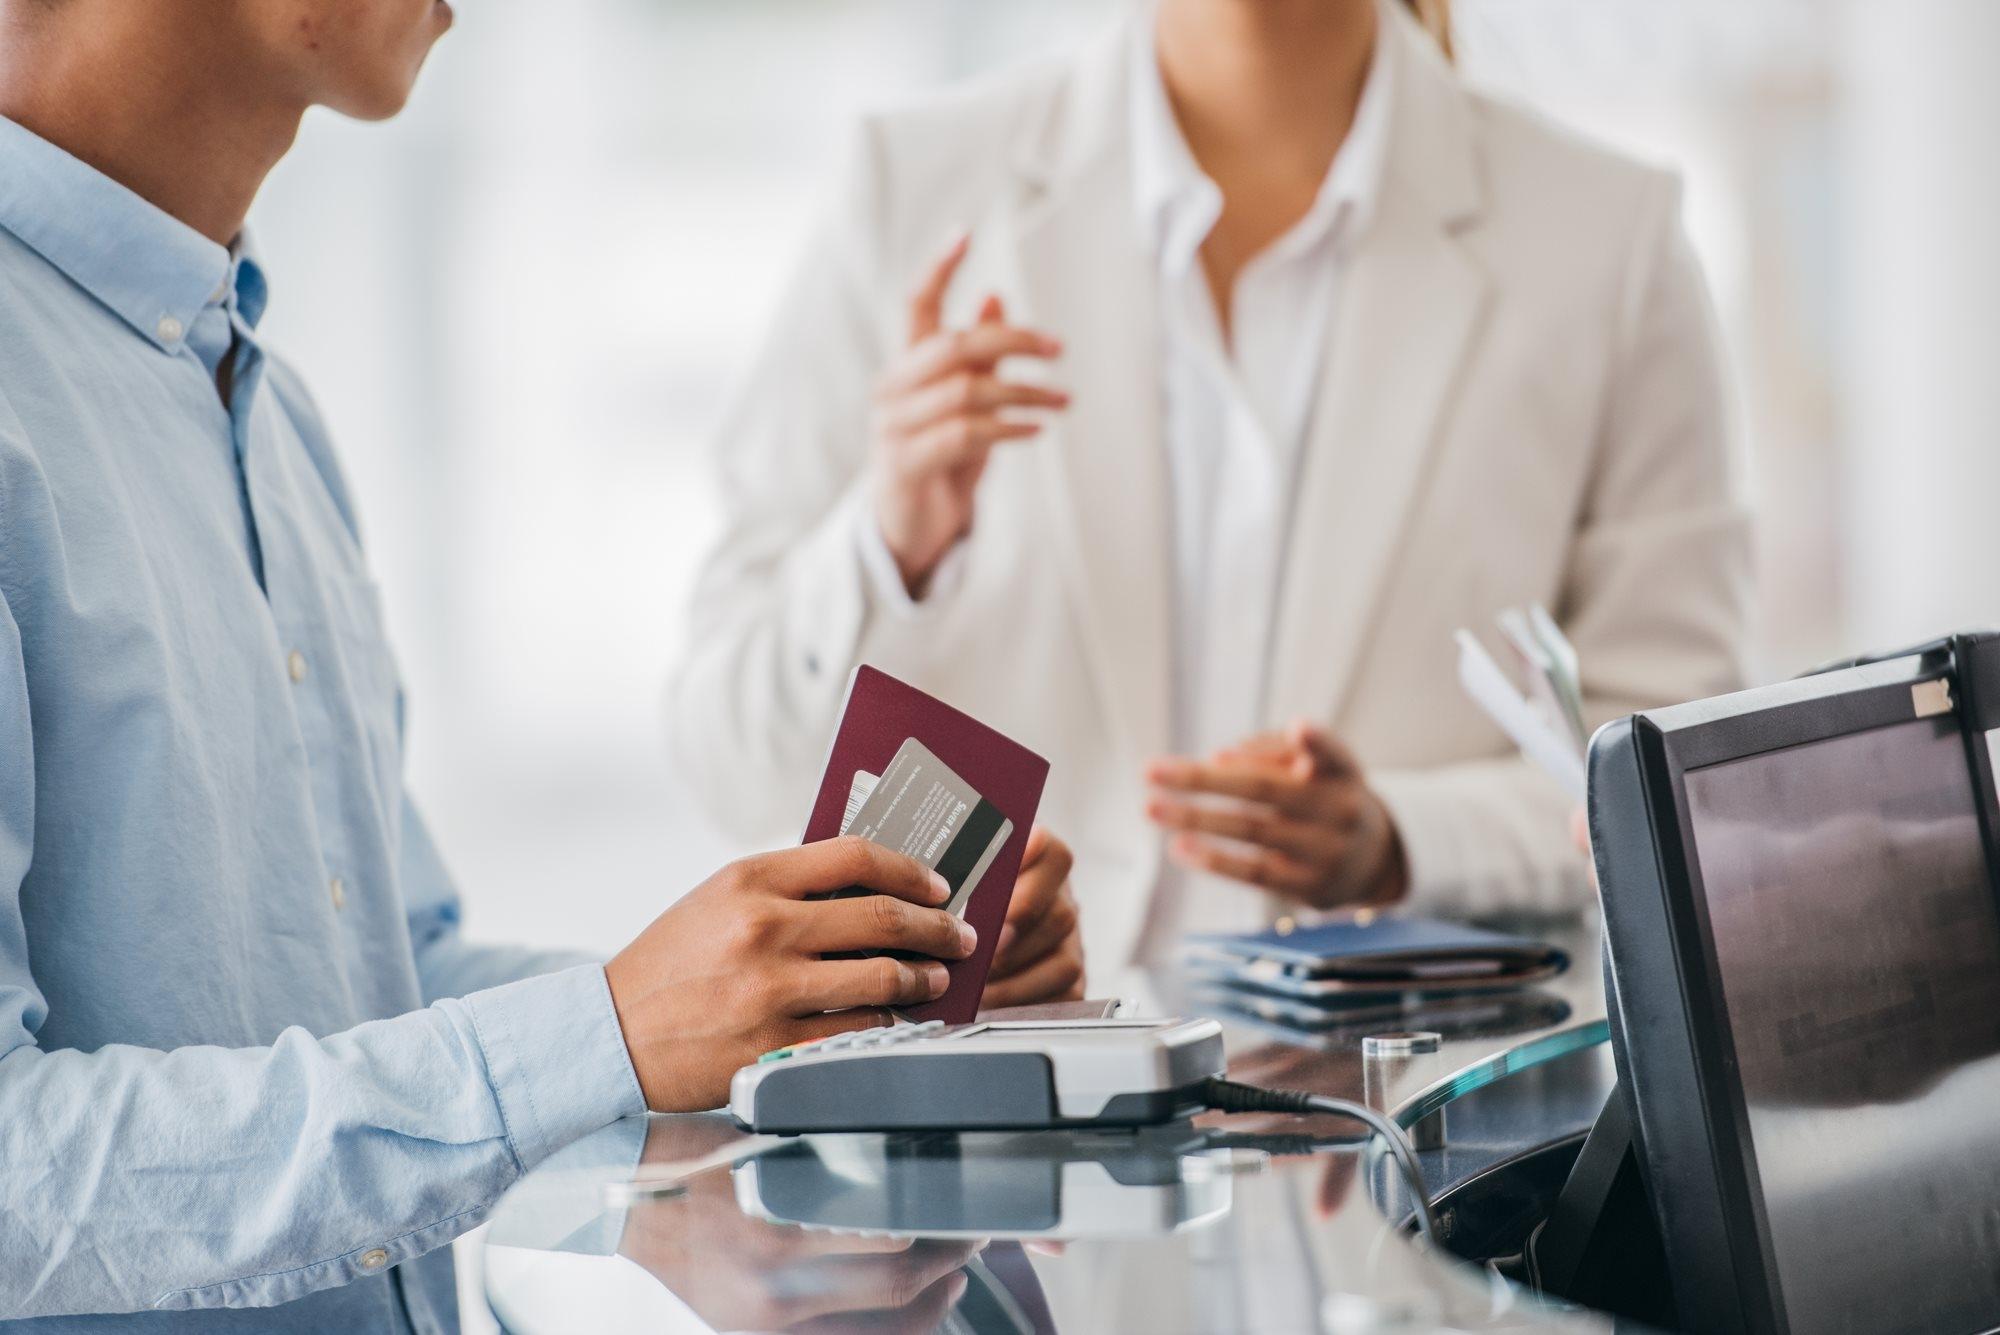 Tecnología en turismo: cómo mejorar la comunicación con el cliente.